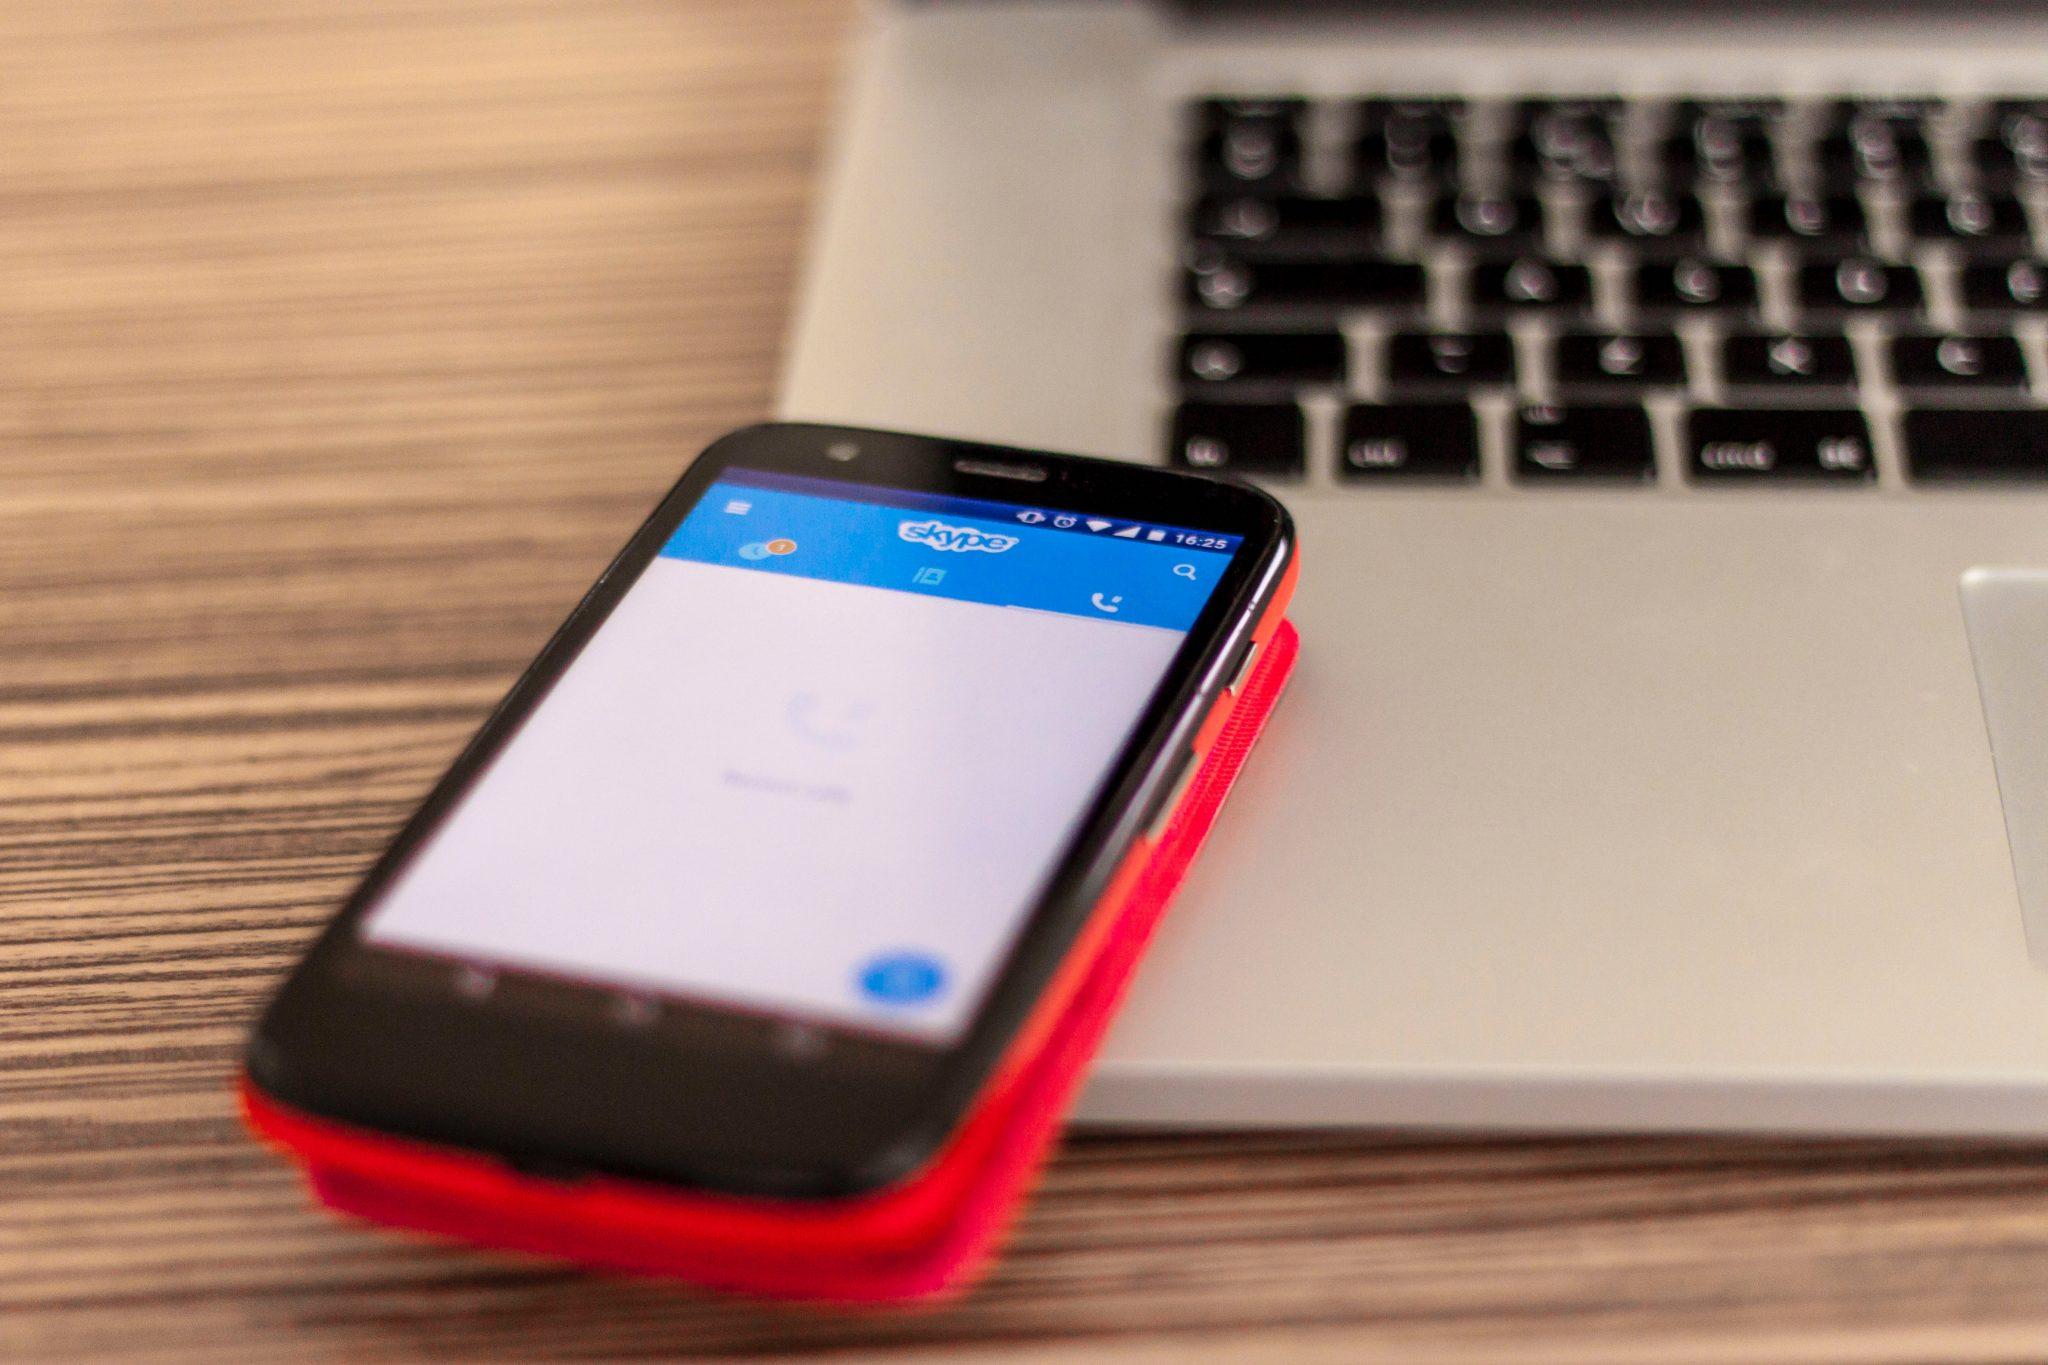 Promocja siebie w social media. Jak to robić skutecznie?